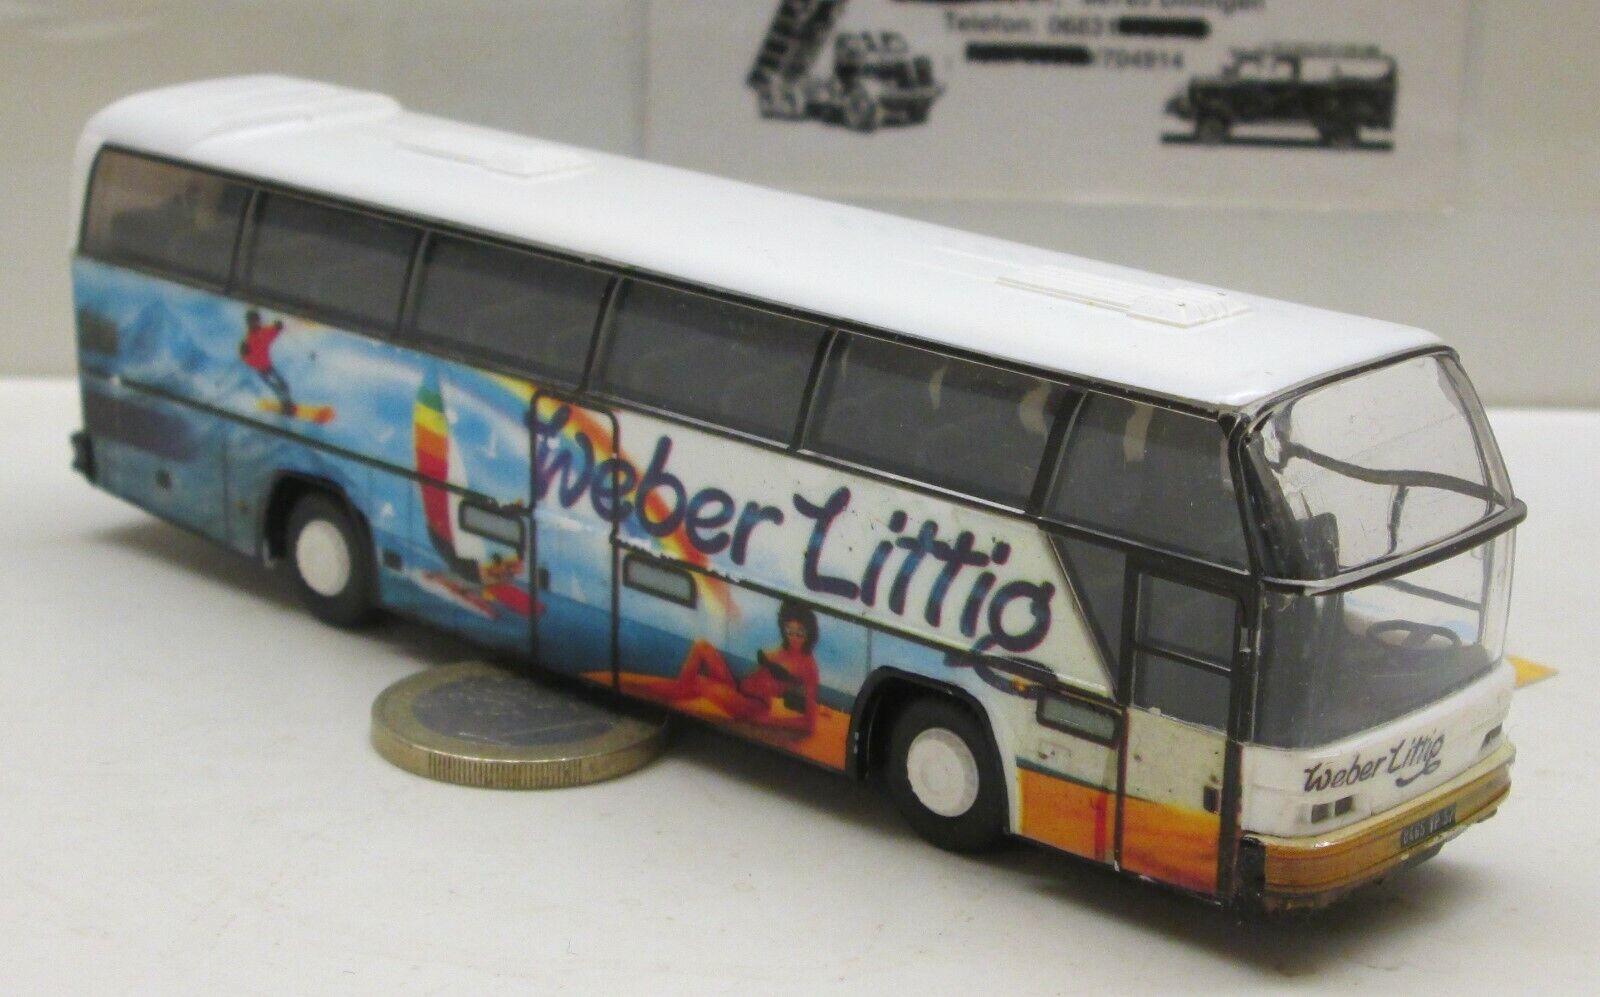 barato en línea Rietze  Neoplan Cityliner Cityliner Cityliner  Weber littig  (4783)  Entrega gratuita y rápida disponible.